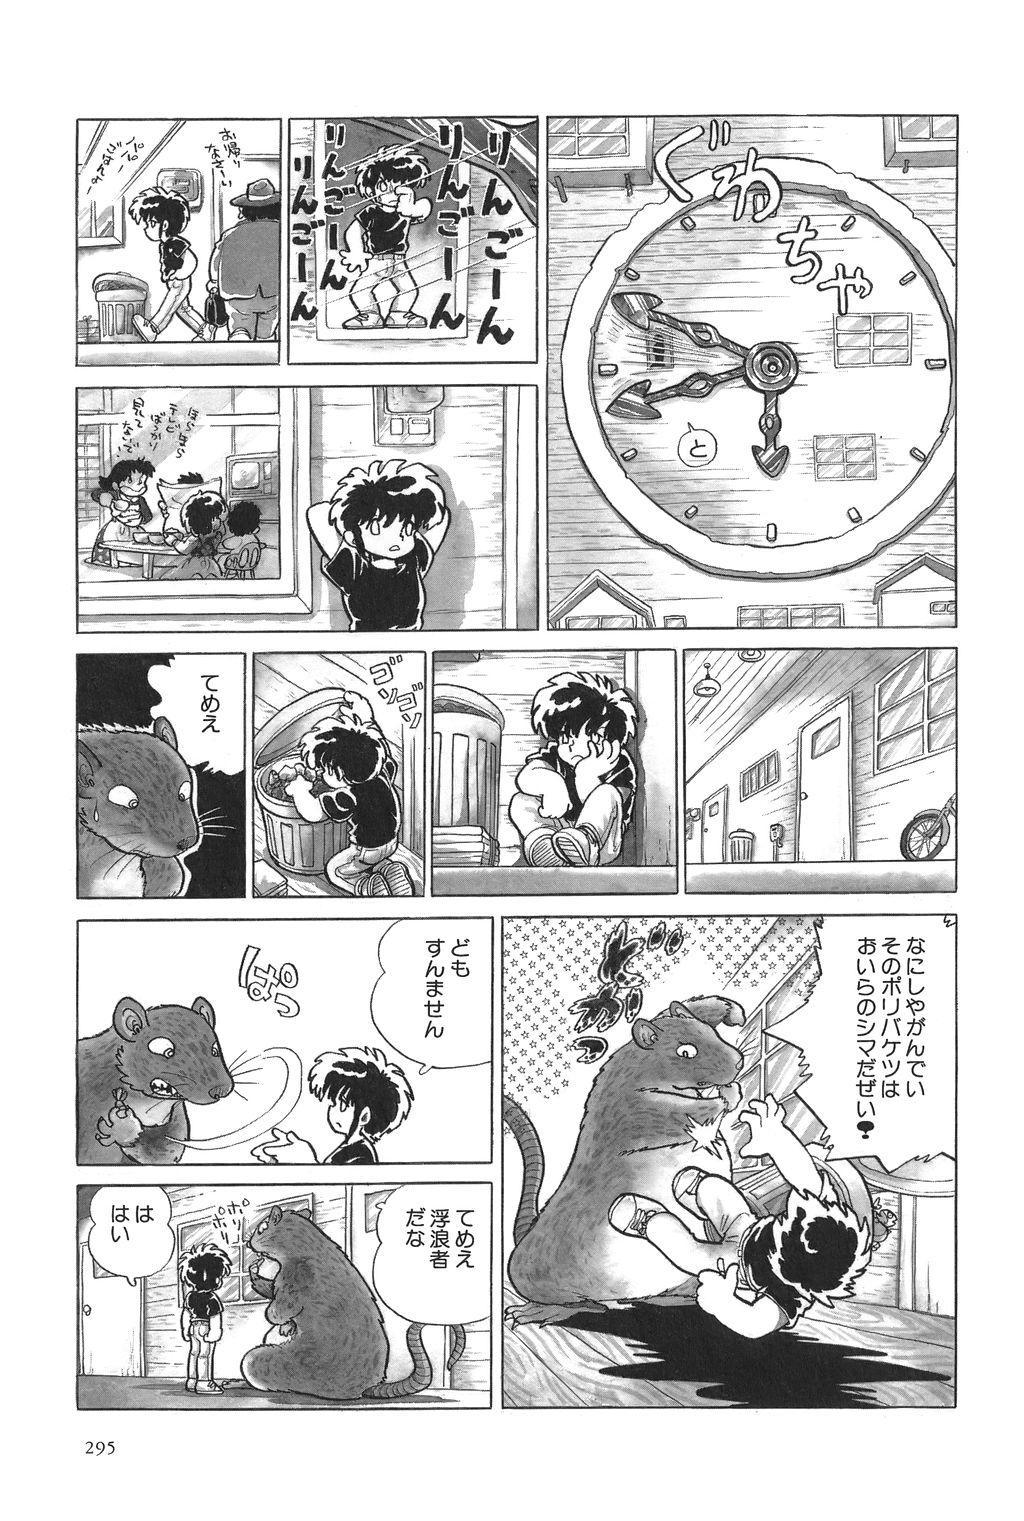 Azuma Hideo Sakuhin Shuusei - Yoru no Tobari no Naka de 296